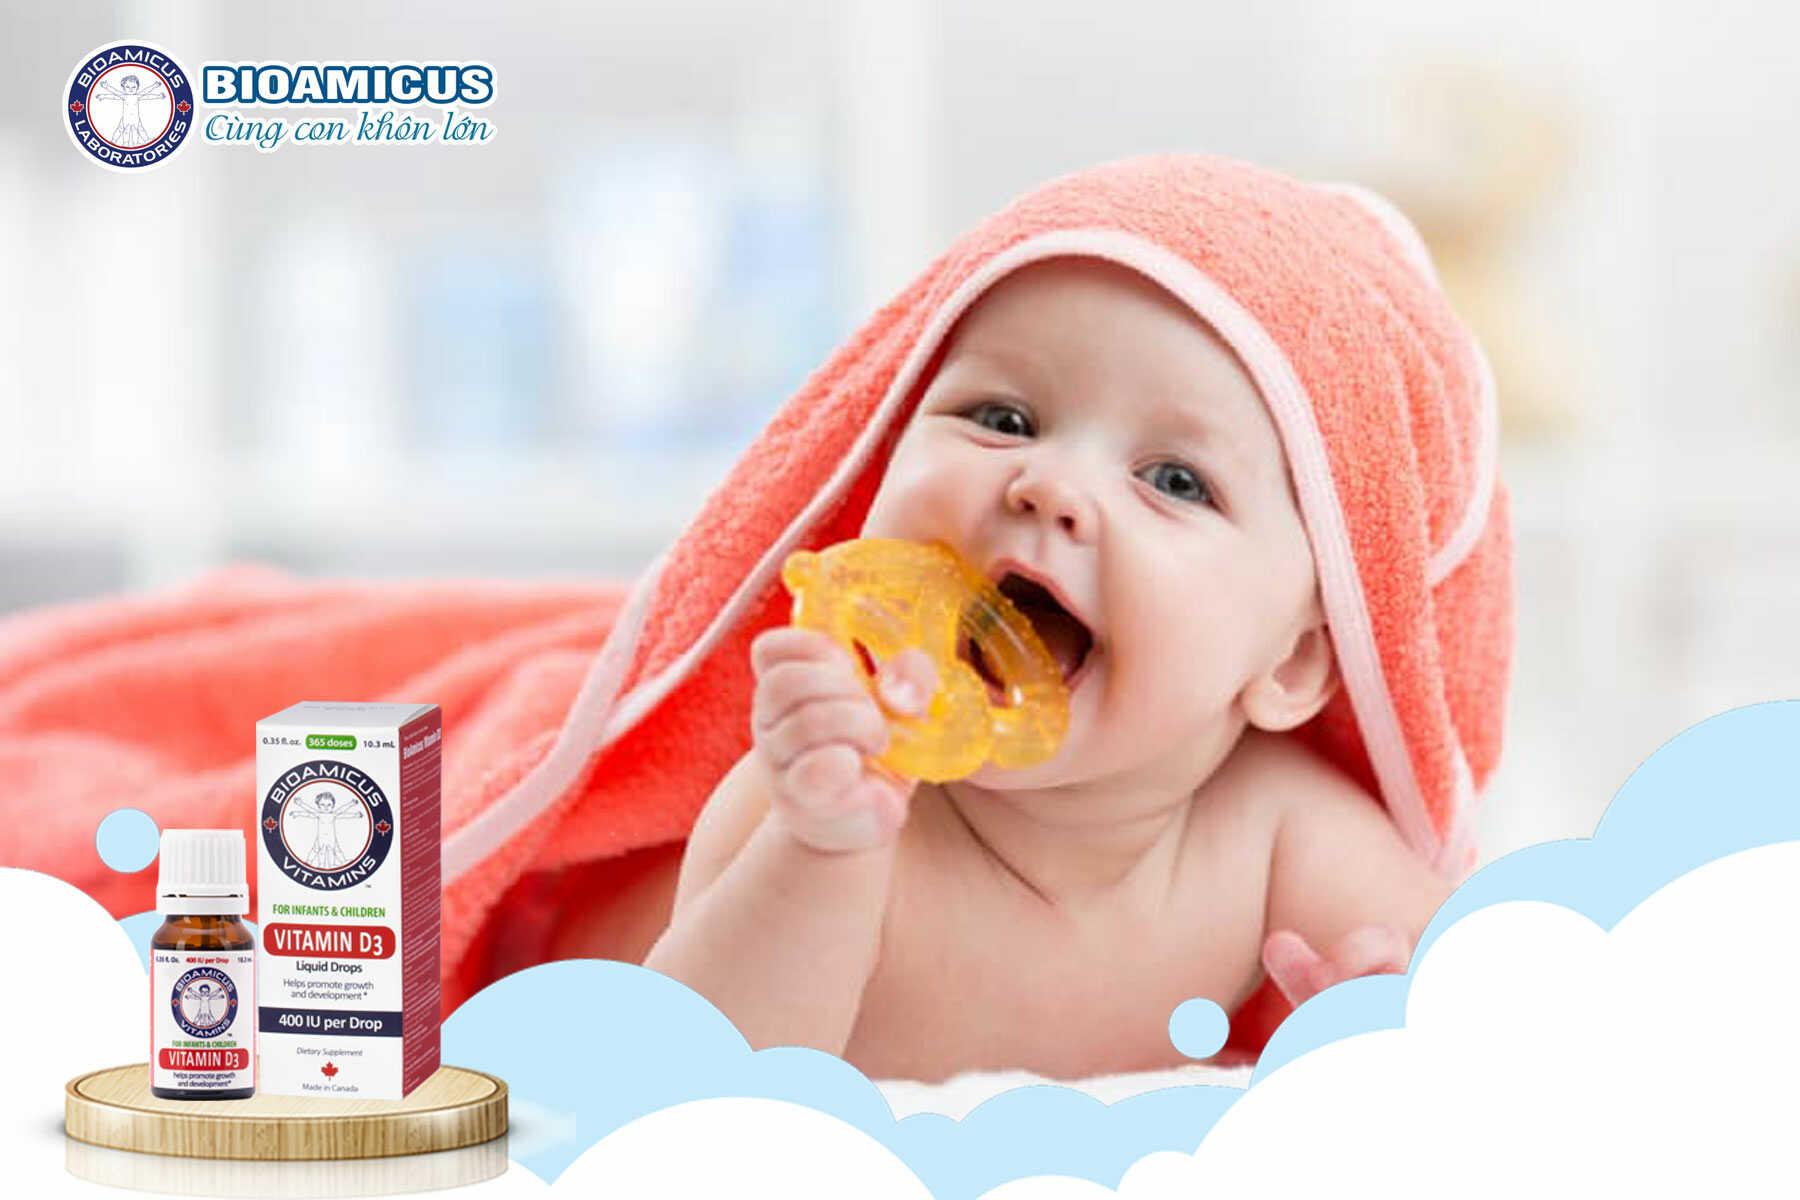 Bioamicus vitamin d3